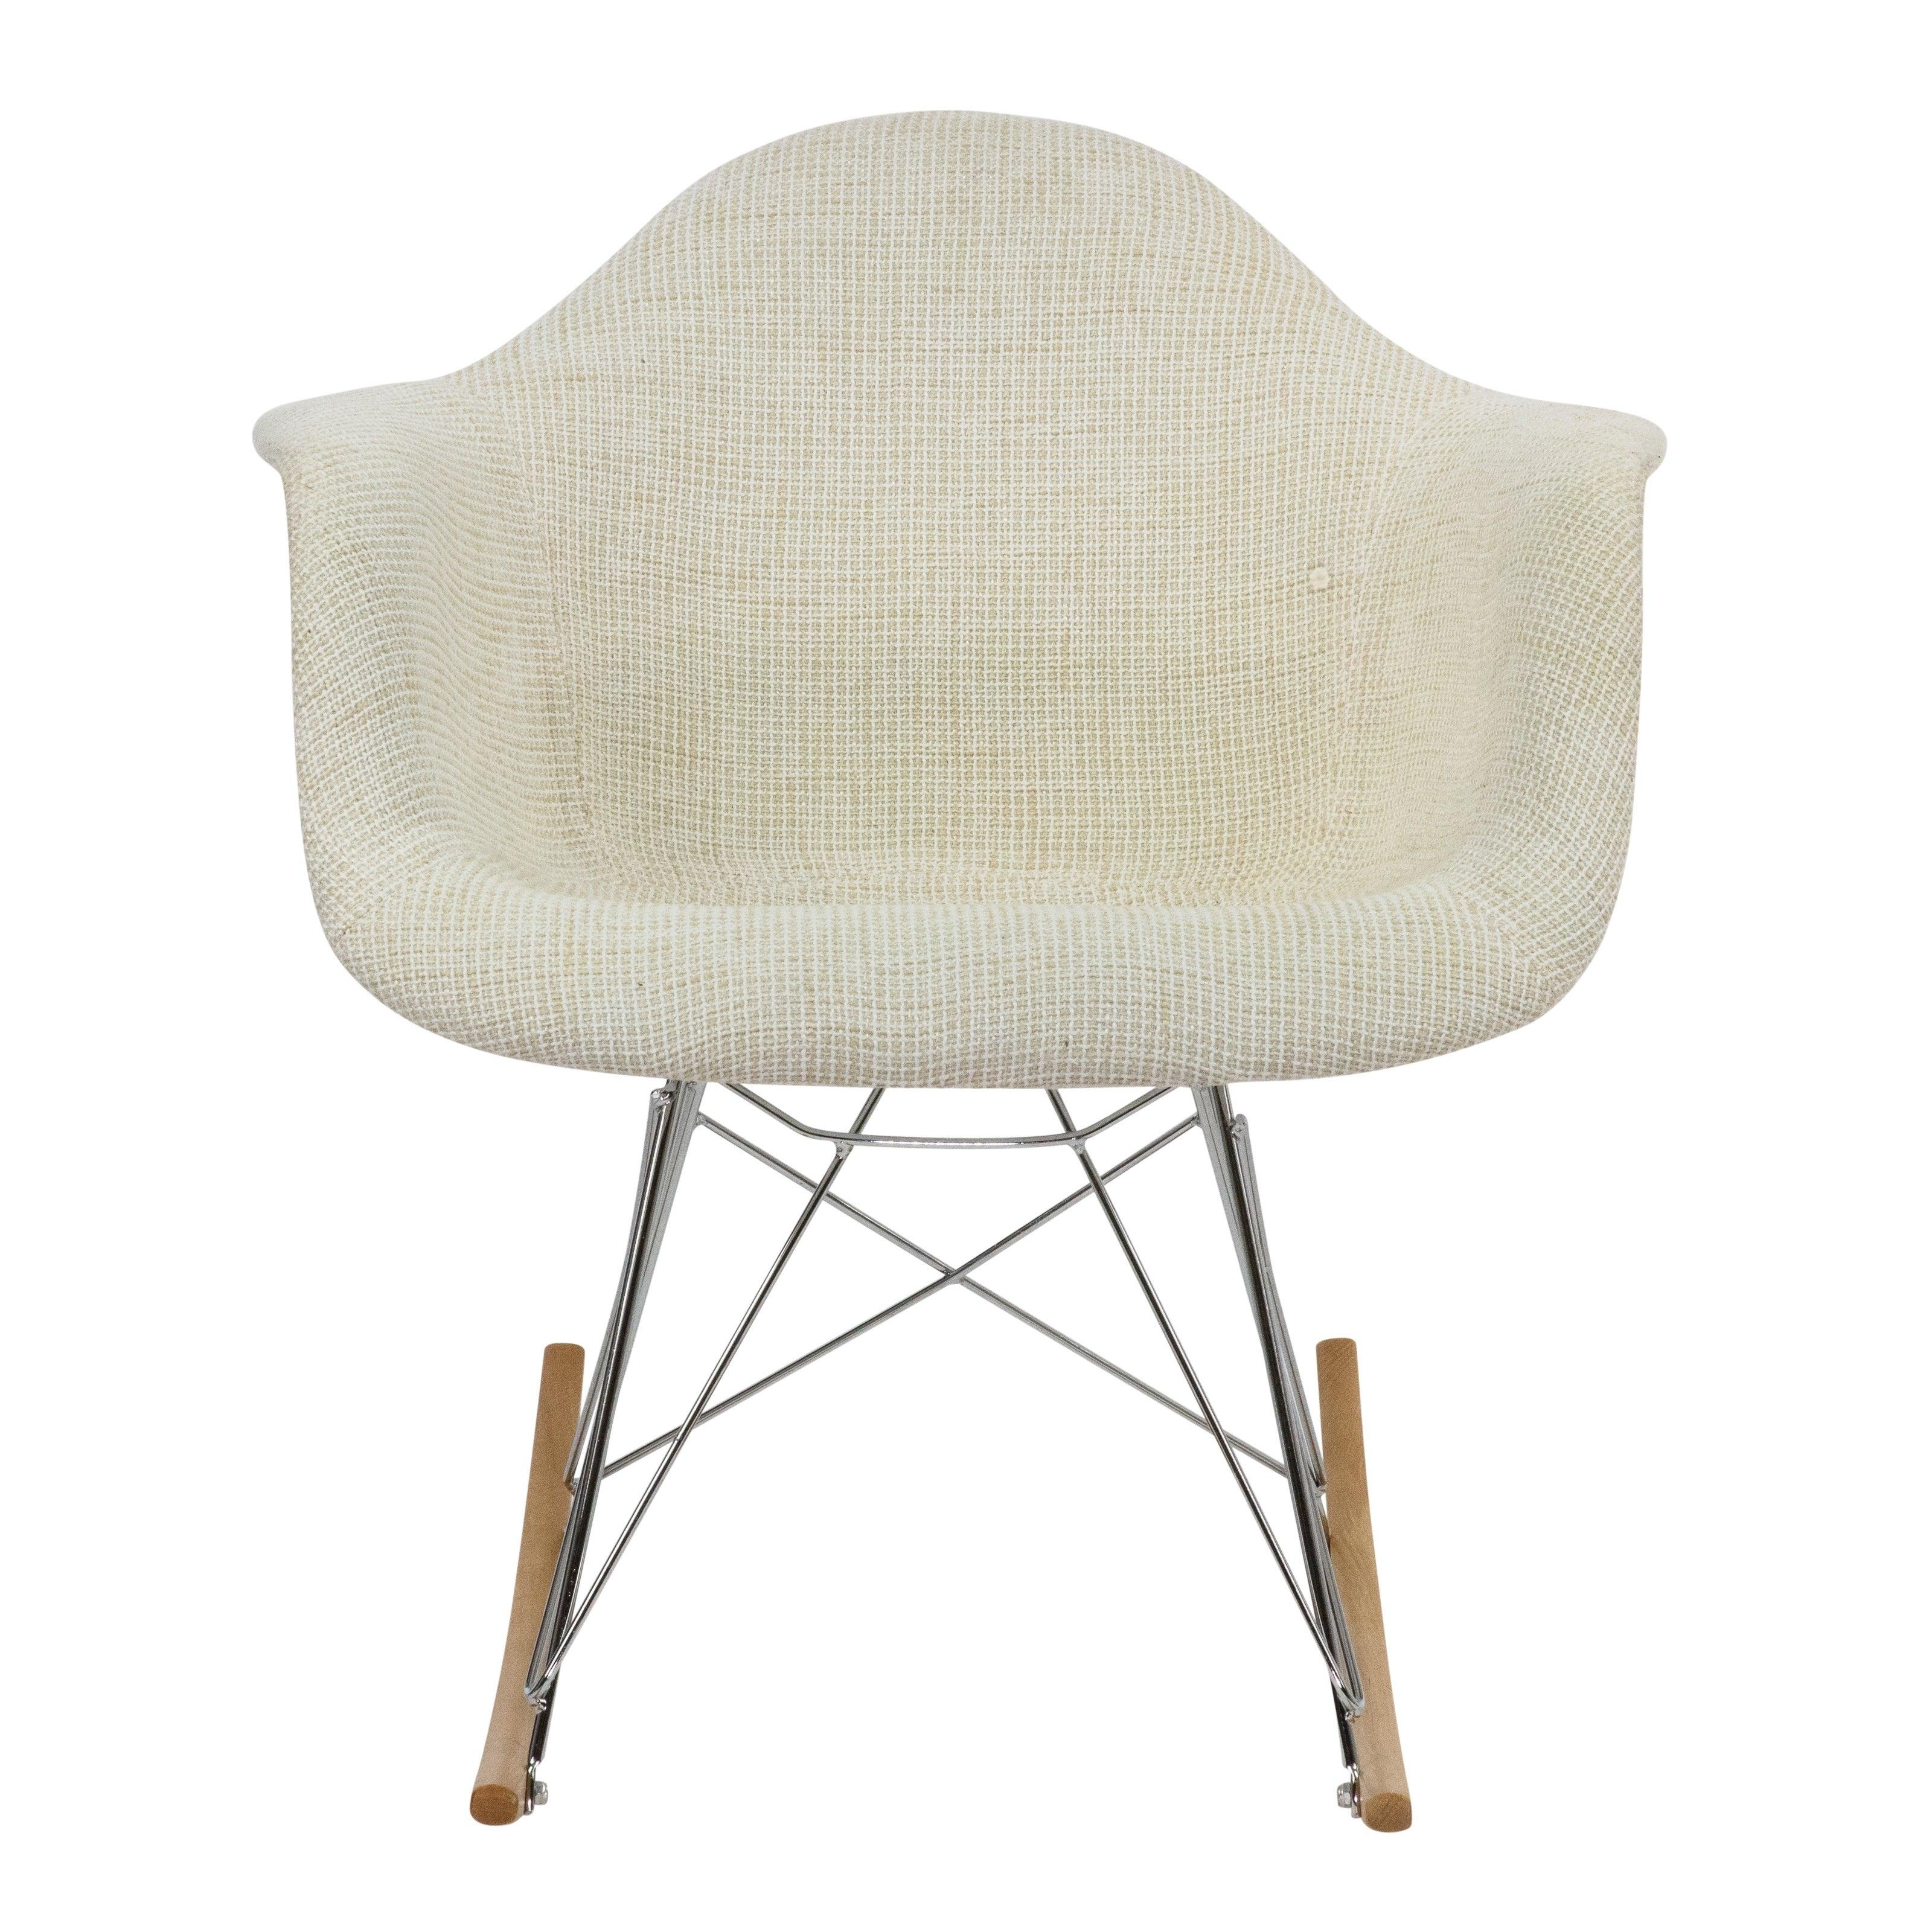 Leisuremod Wilson Twill Fabric Beige Rocking Chair W/ Eiffel Legs Intended For Twill Fabric Beige Rocking Chairs With Eiffel Legs (View 2 of 20)